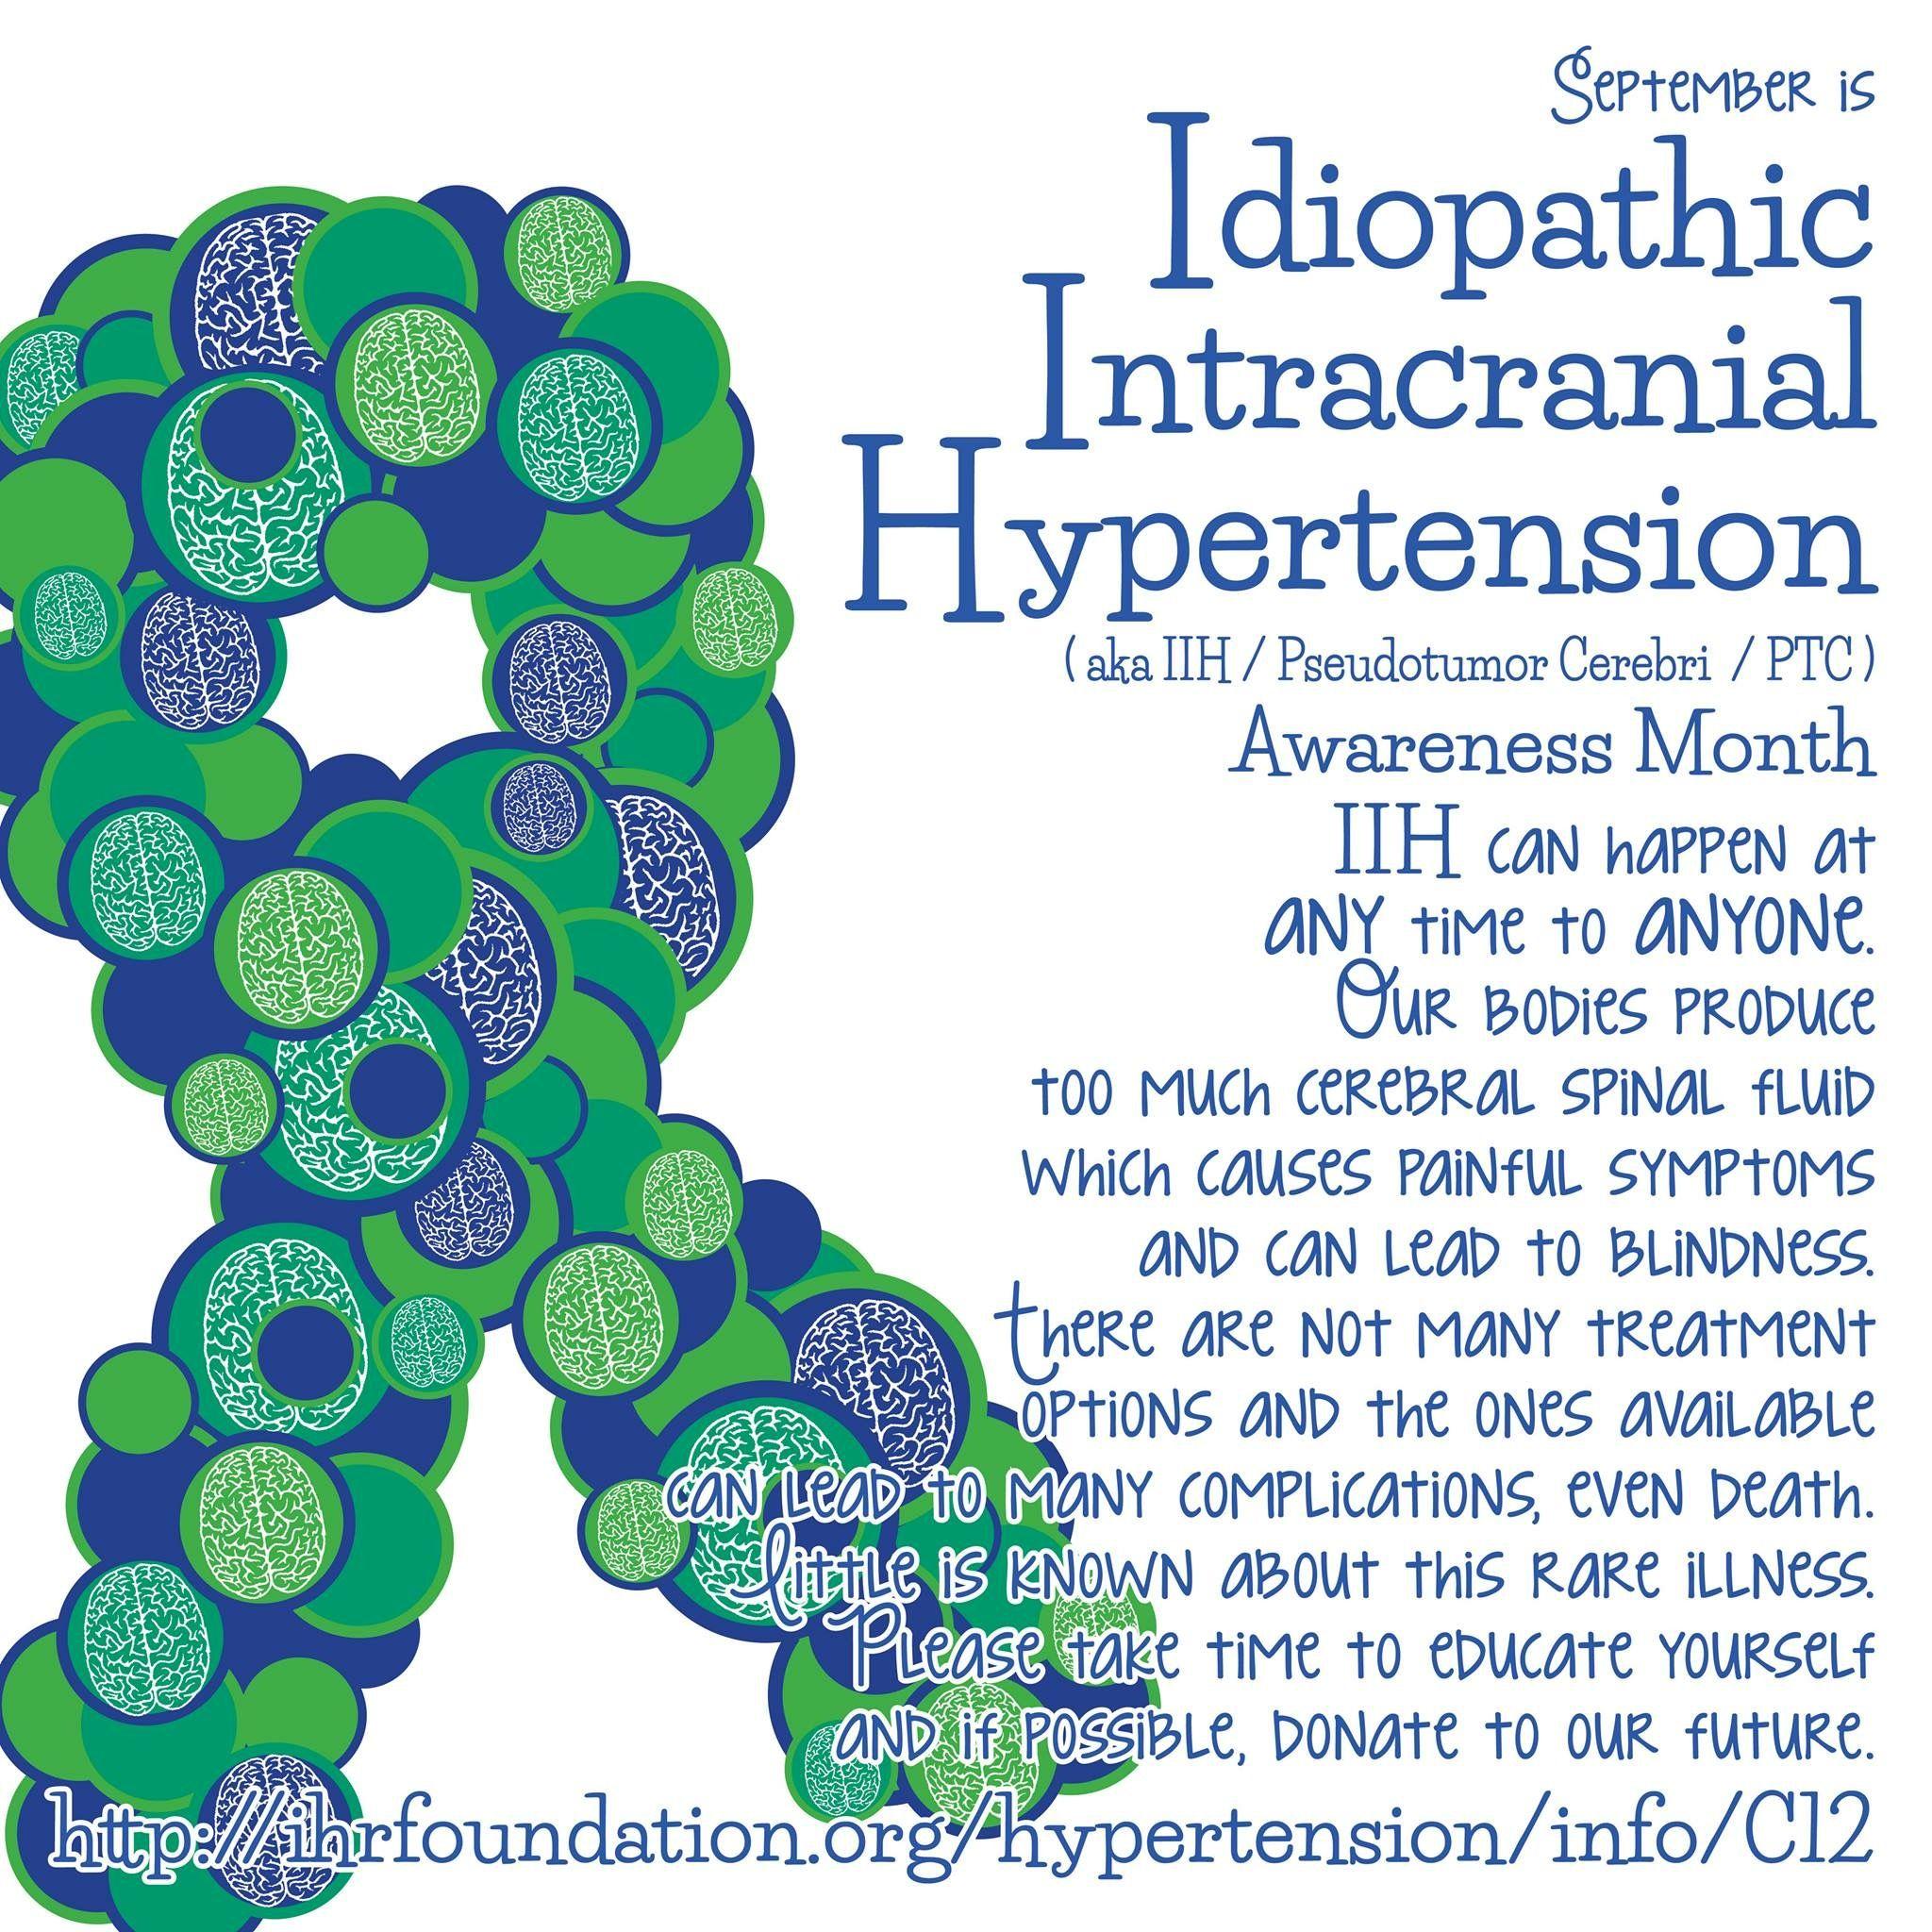 ¿El seudotumor cerebral causa hipertensión?